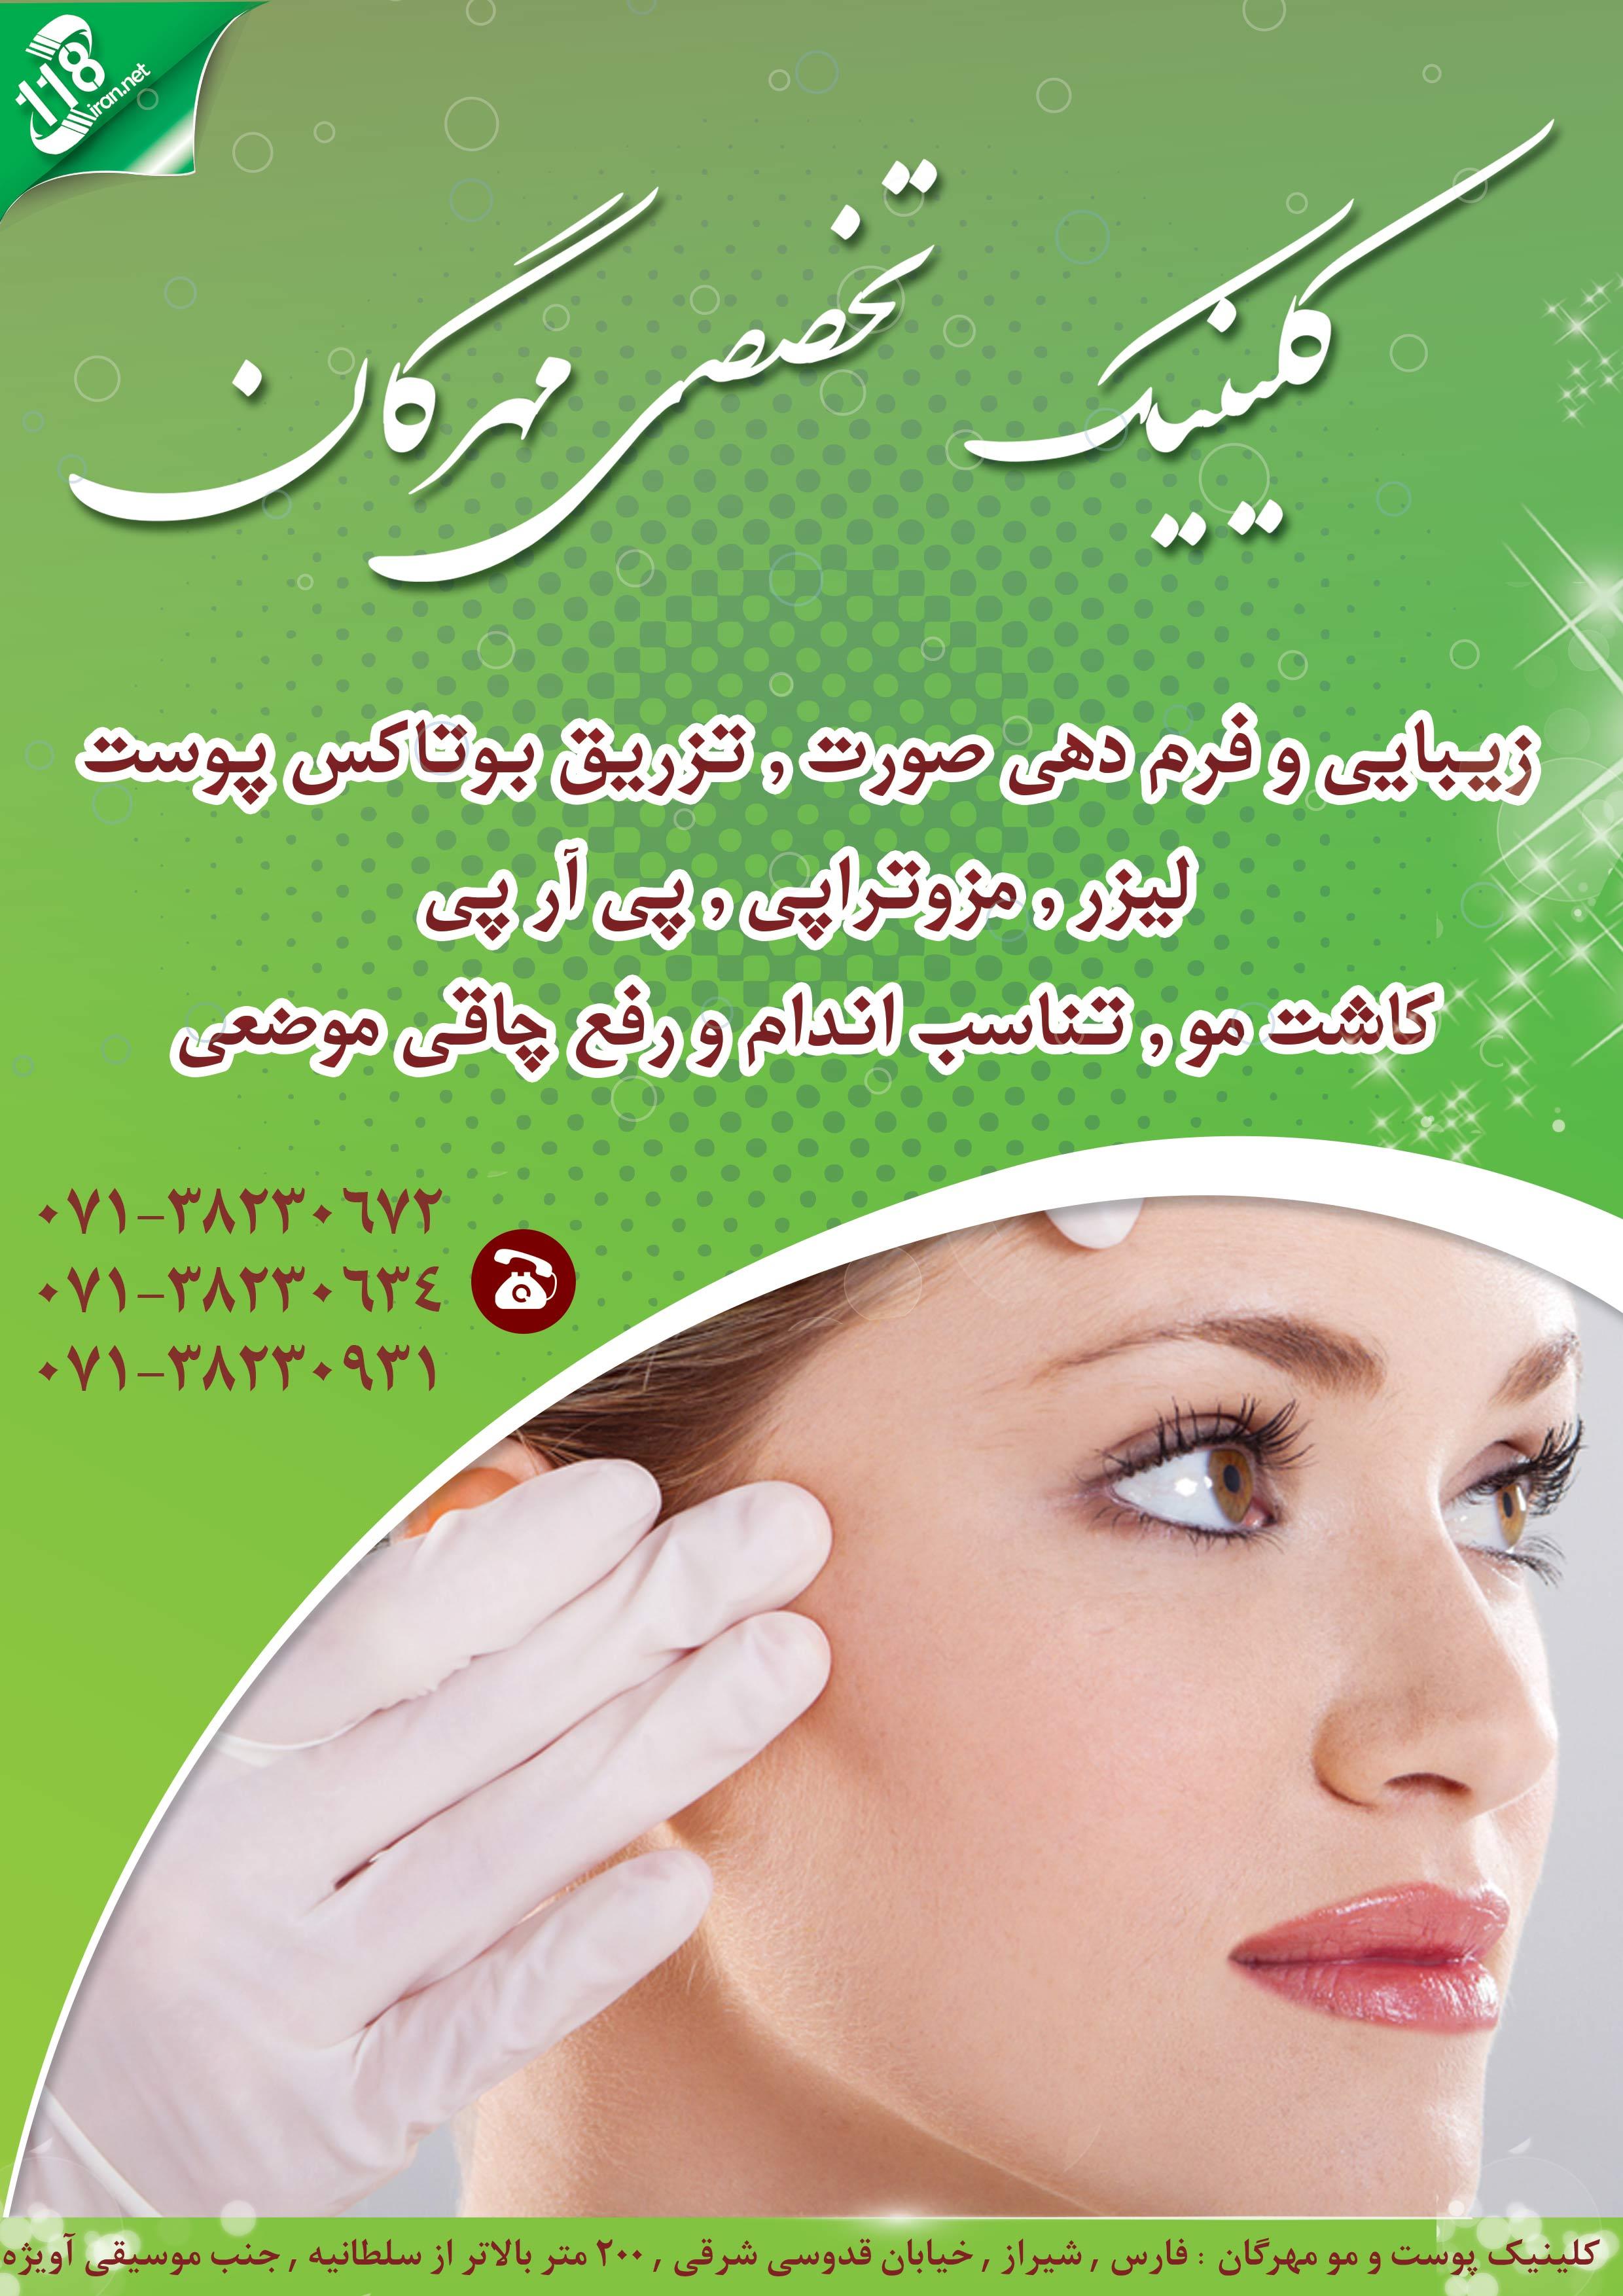 کلینیک تخصصی پوست و مو ولیزر مهرگان در شیراز